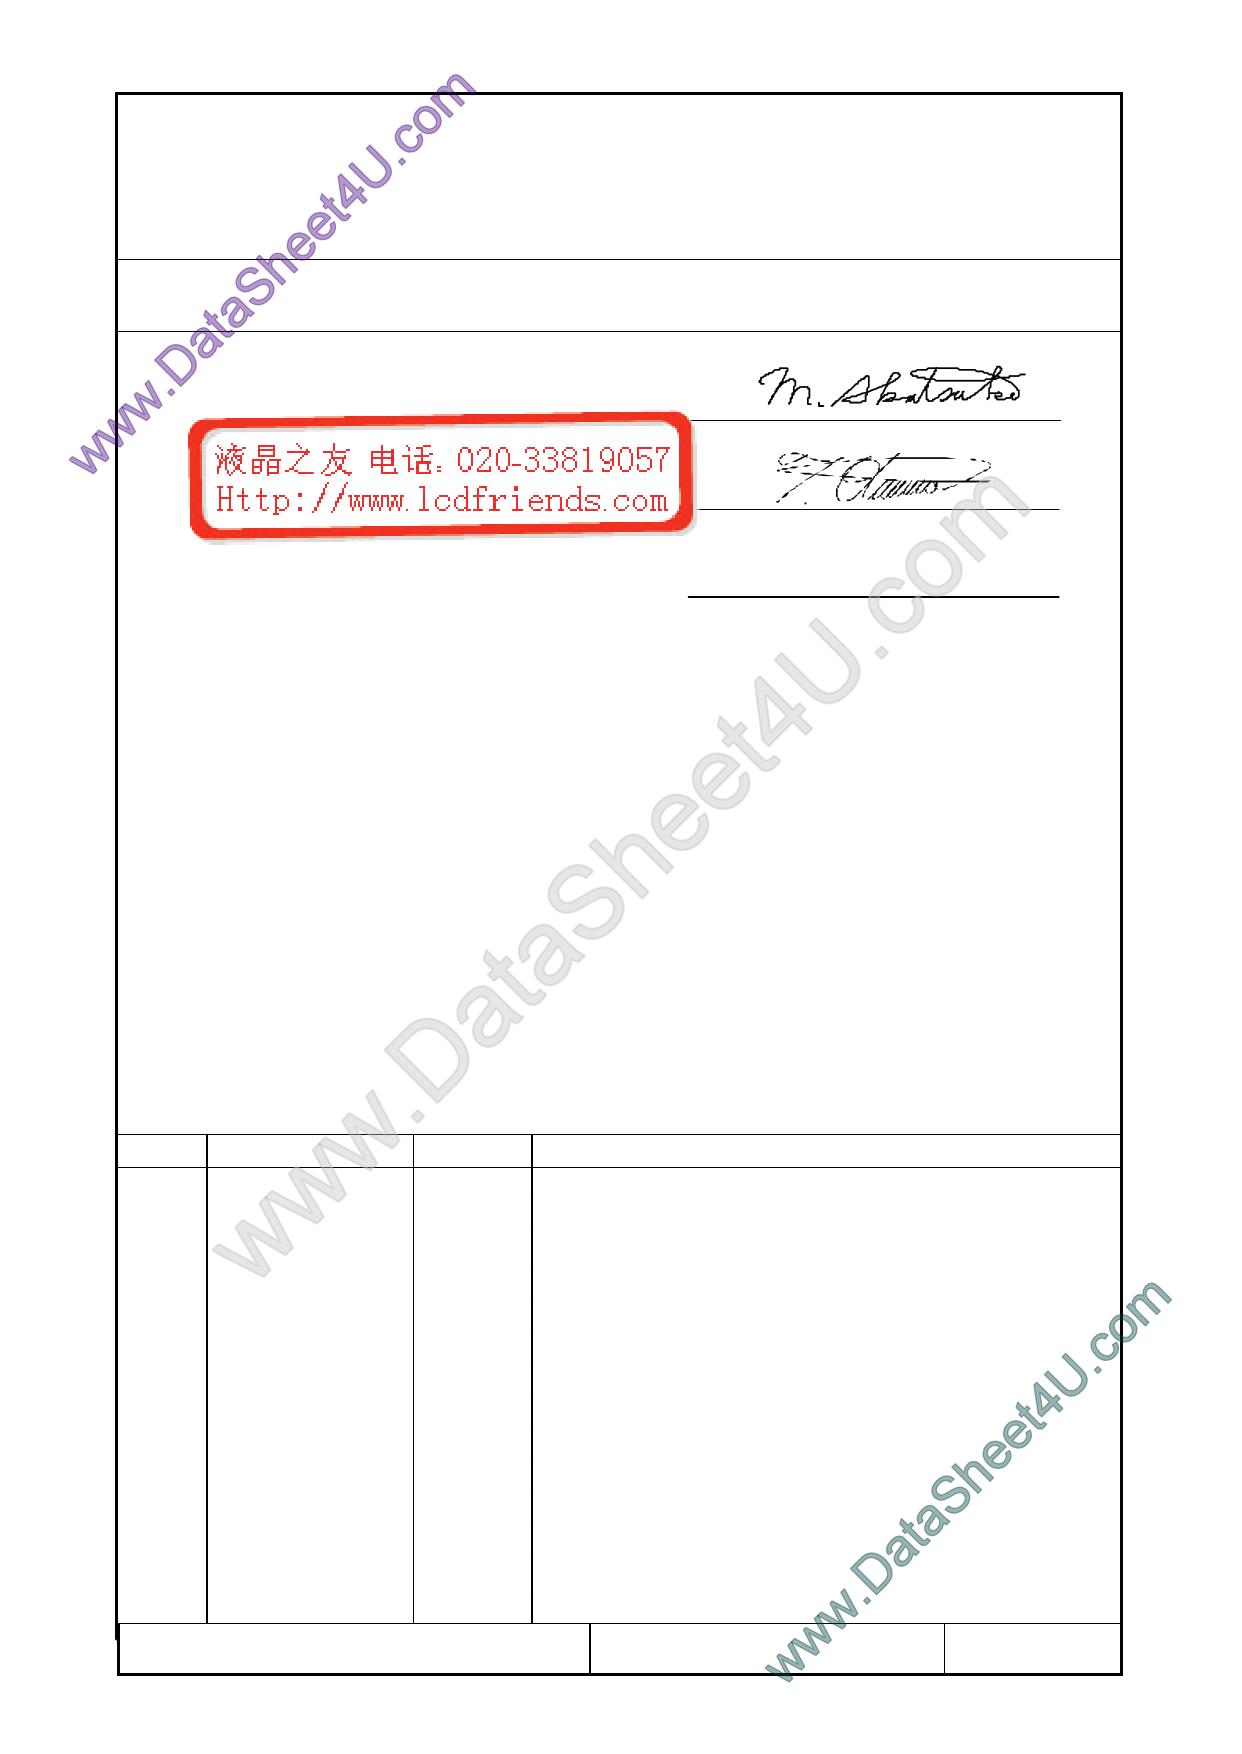 F-51851GNFQJ-LY-ADN دیتاشیت PDF